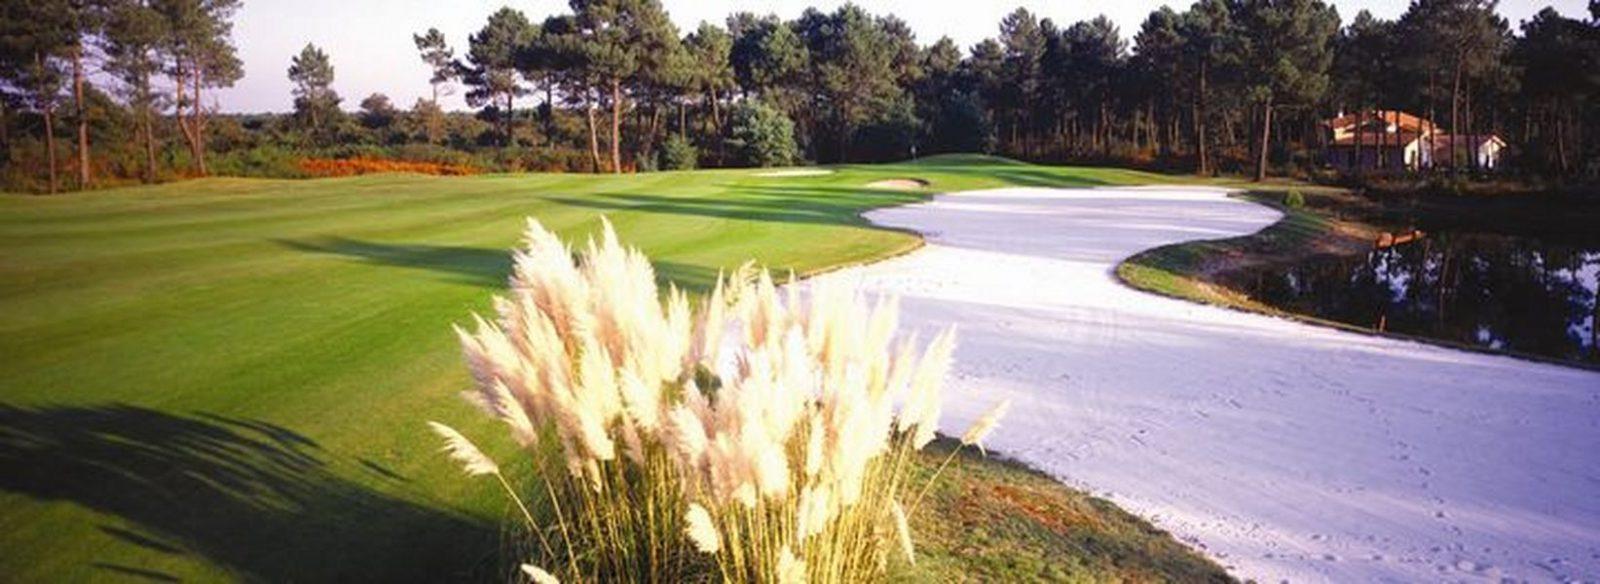 Golf-de-Gujan-5 [800×600]